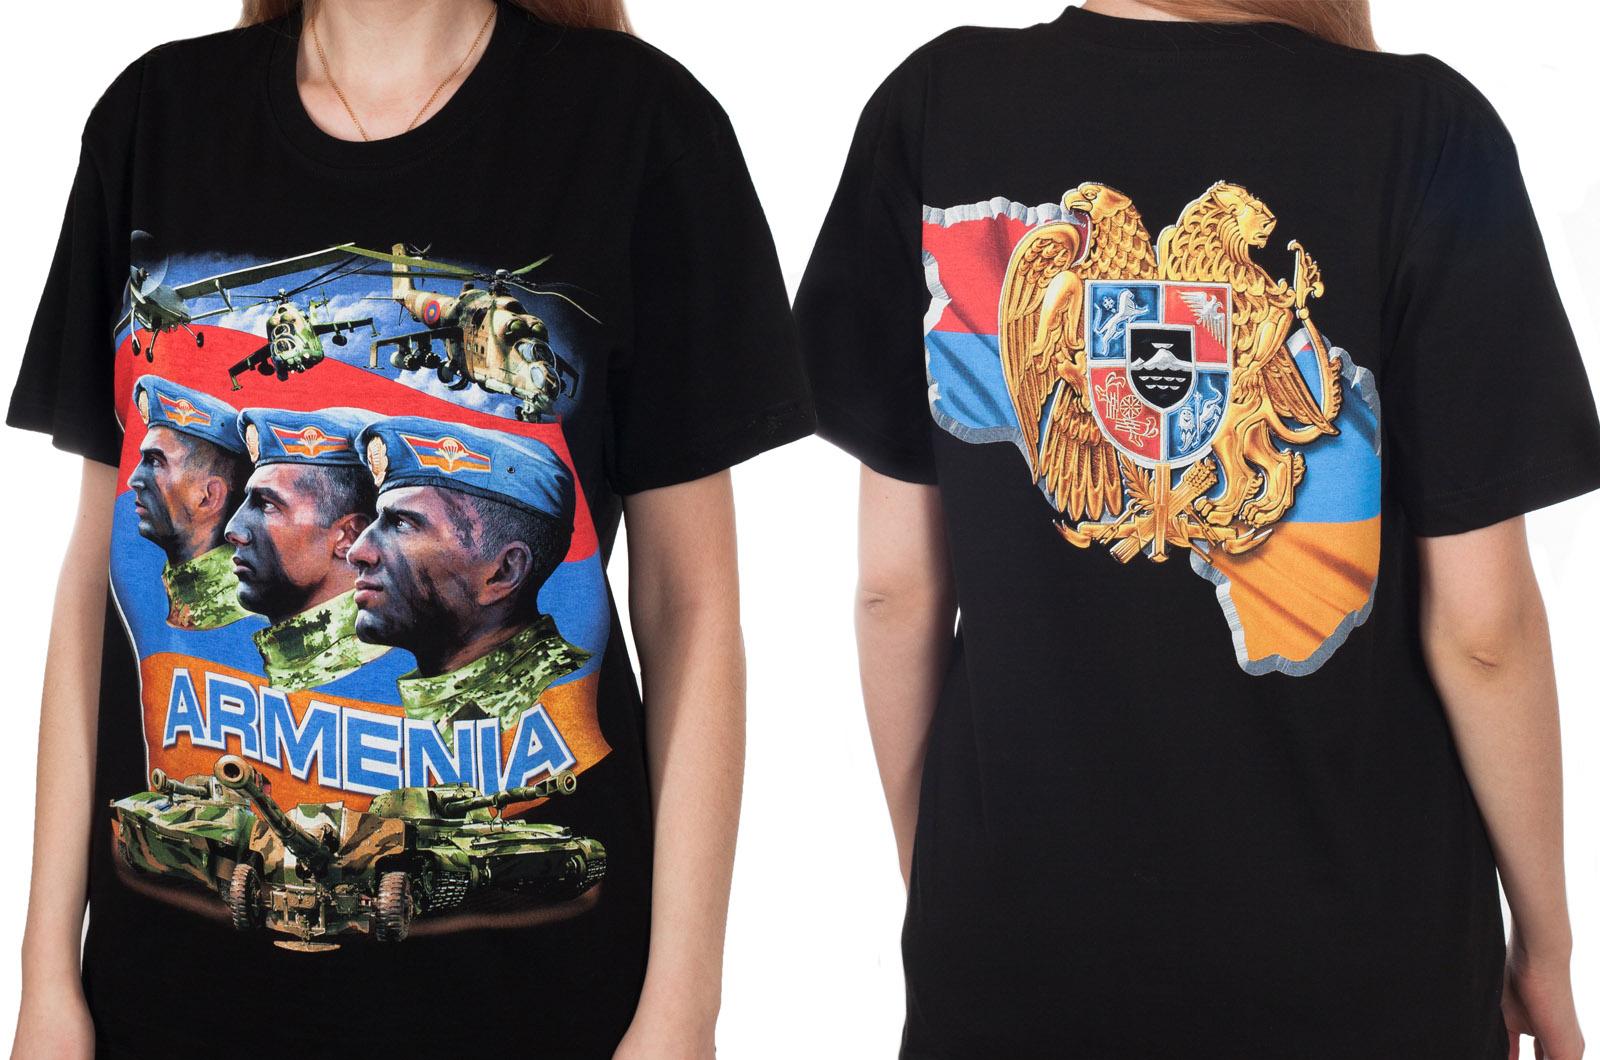 ОЦЕНИТЕ МАСШТАБ СКИДКИ!  Мужская футболка с принтом солдат, которых не победить, и гербом Армении. Лучший подарок на День Защитника Отечества